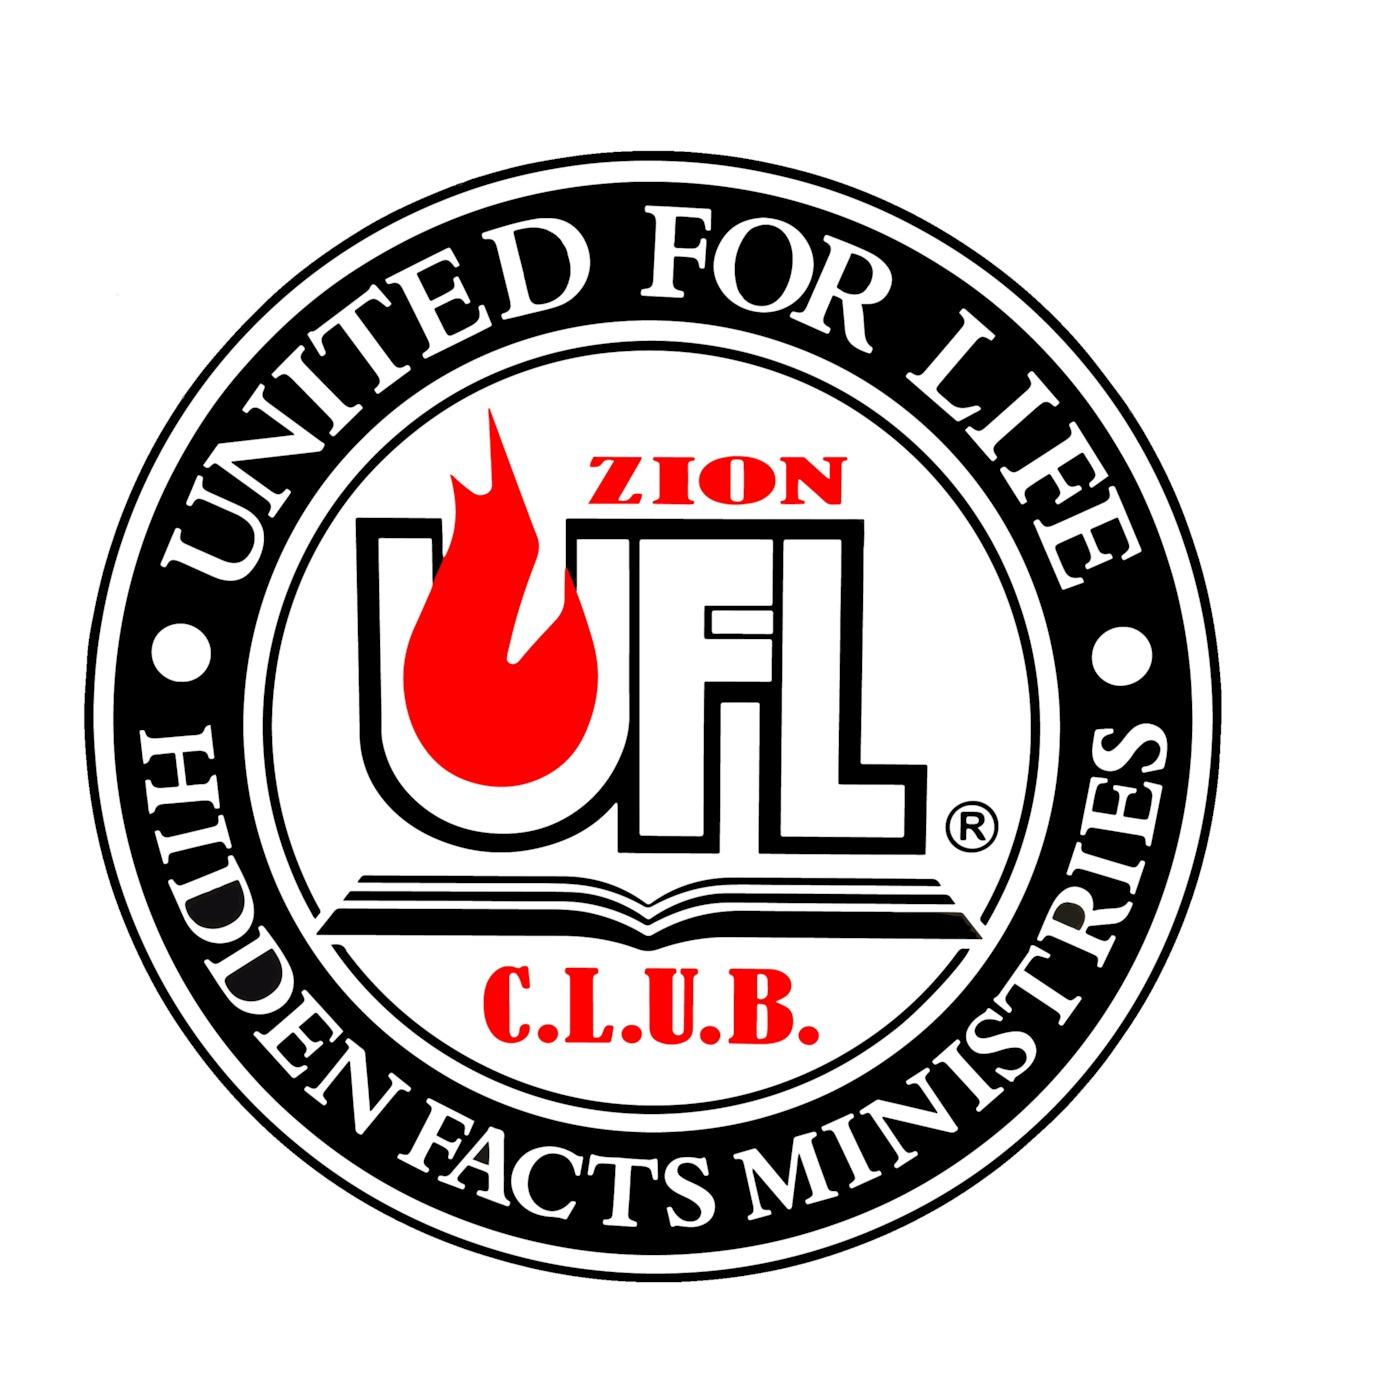 Mt Zion UFL